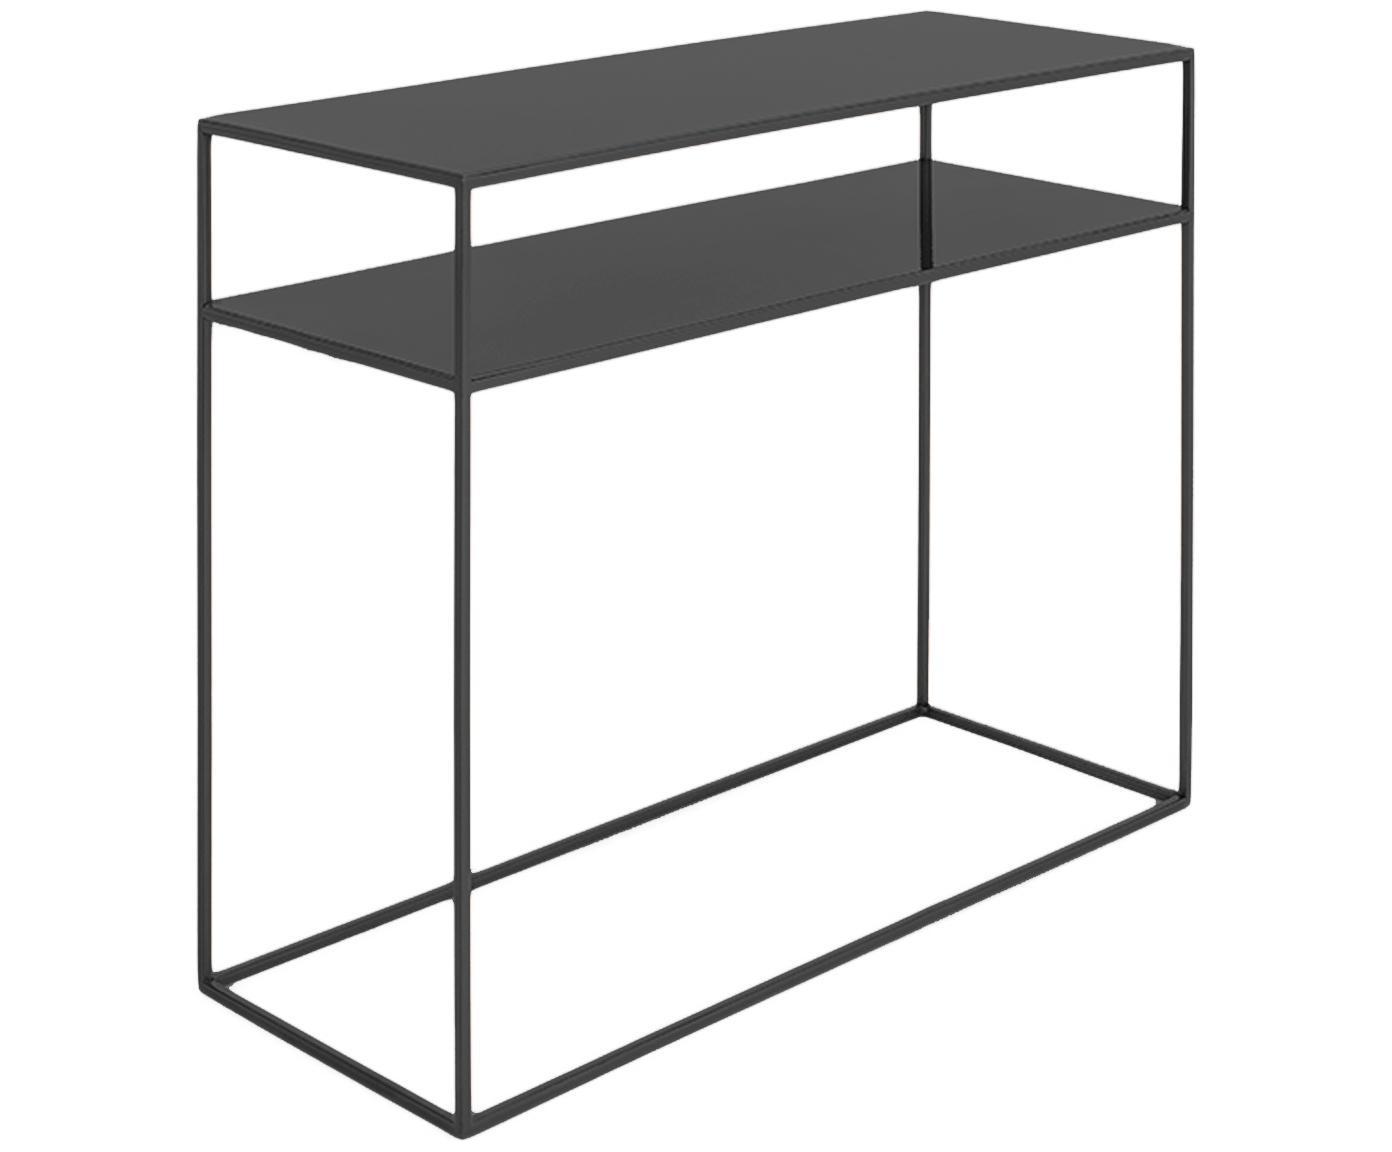 Metall-Konsole Tensio Duo in Schwarz, Metall, pulverbeschichtet, Schwarz, B 100 x T 35 cm